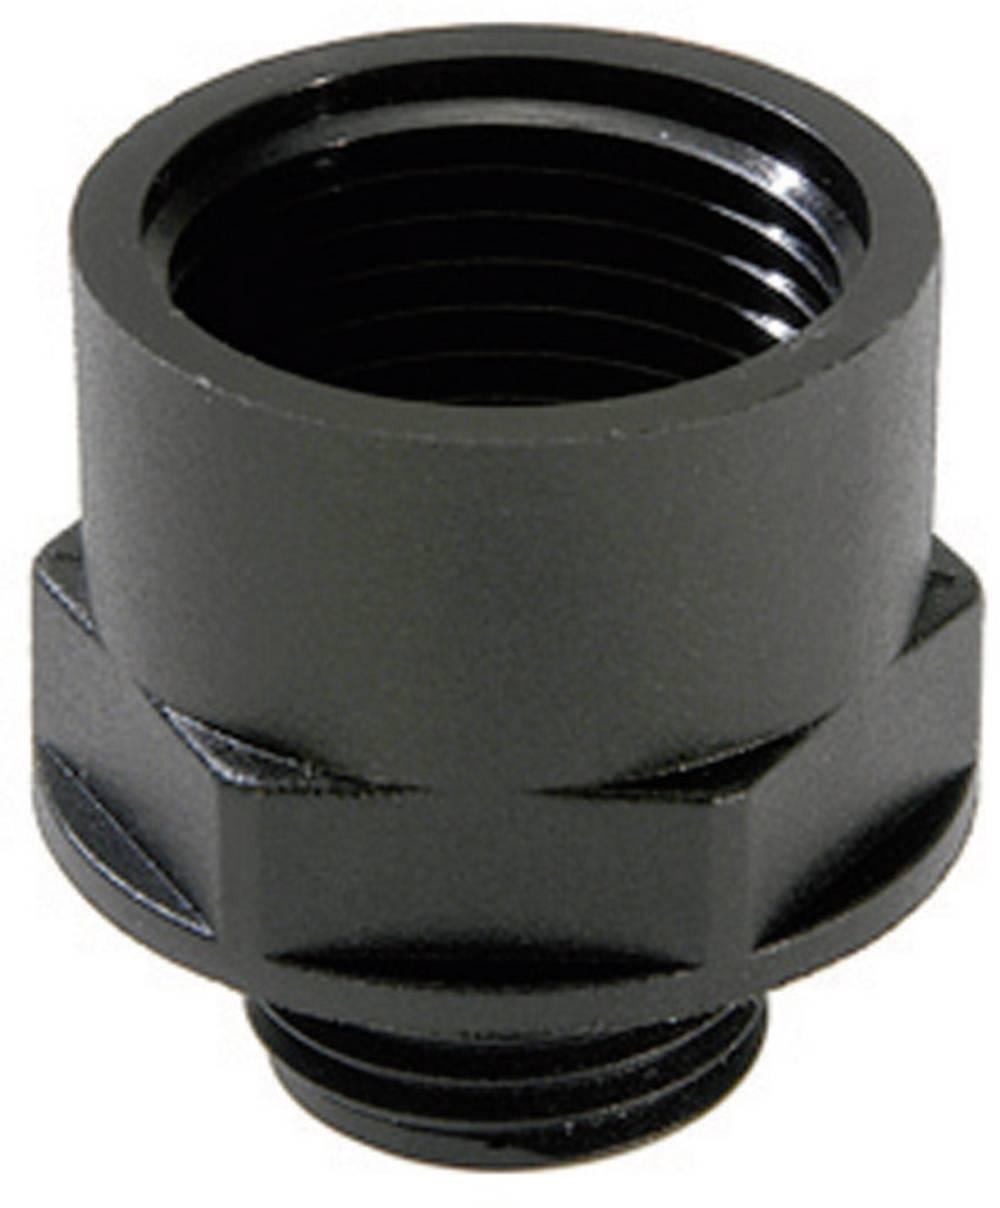 Adapter za kabelsko uvodnico PG16 M25, poliamid črne barve (RAL 9005) Wiska ATEX EX-APM 16/25 1 kos